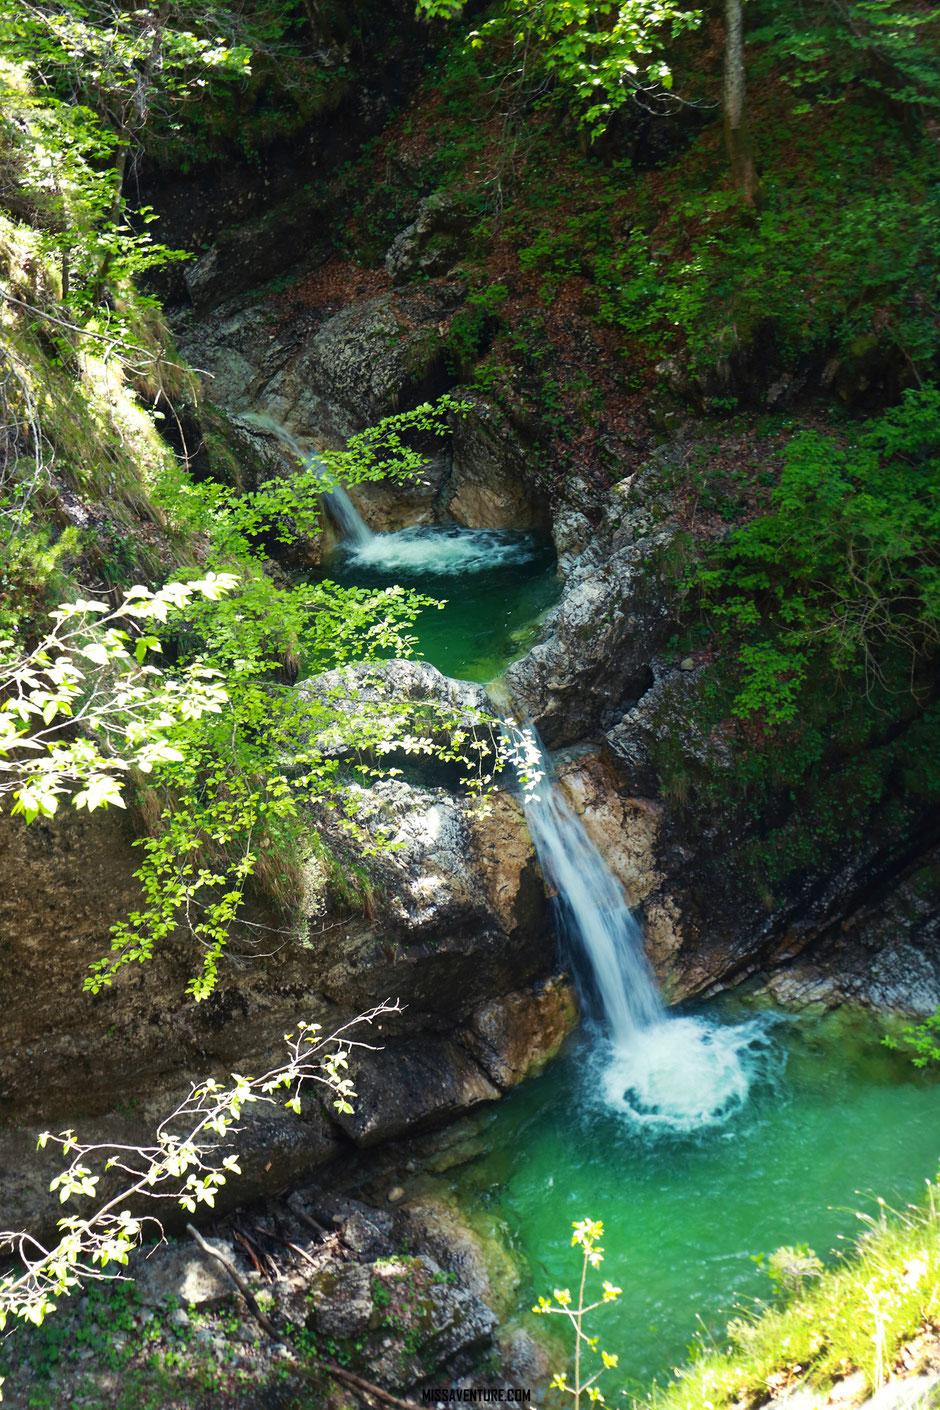 Les gorges et cascades de la Fratarica, ROAD TRIP SLOVÉNIE. www.missaventure.com blog voyage d'aventures, nature et photos